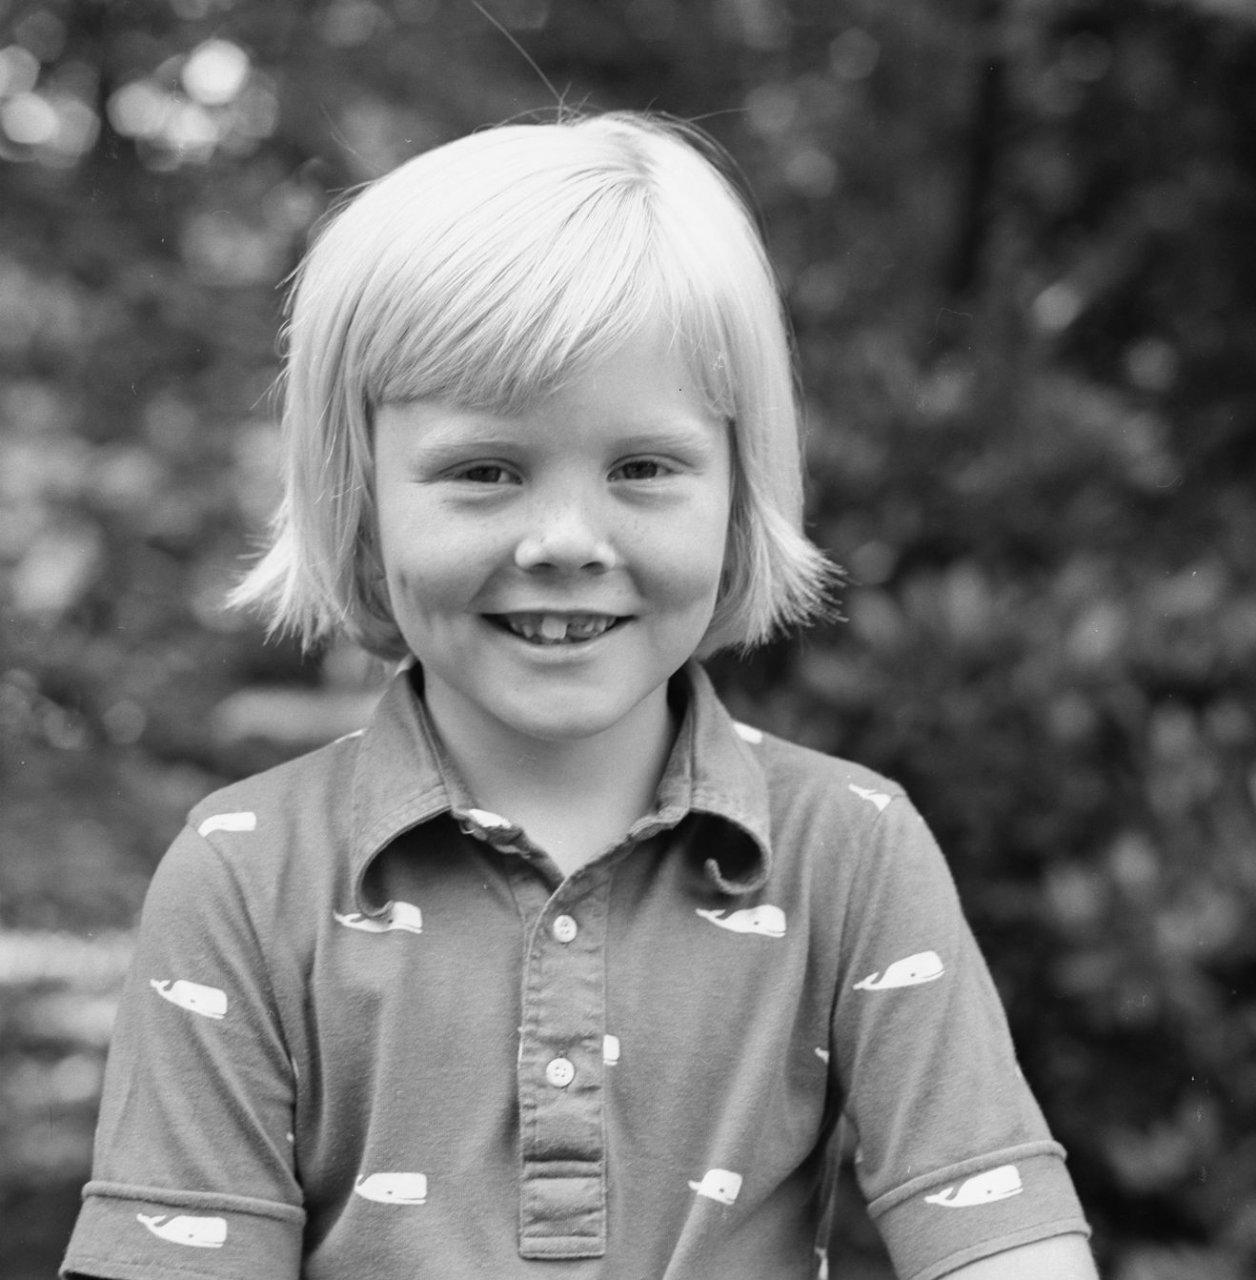 prins willem alexander 40 jaar Welkom op Royaltykids: Willem Alexander 50 jaar prins willem alexander 40 jaar